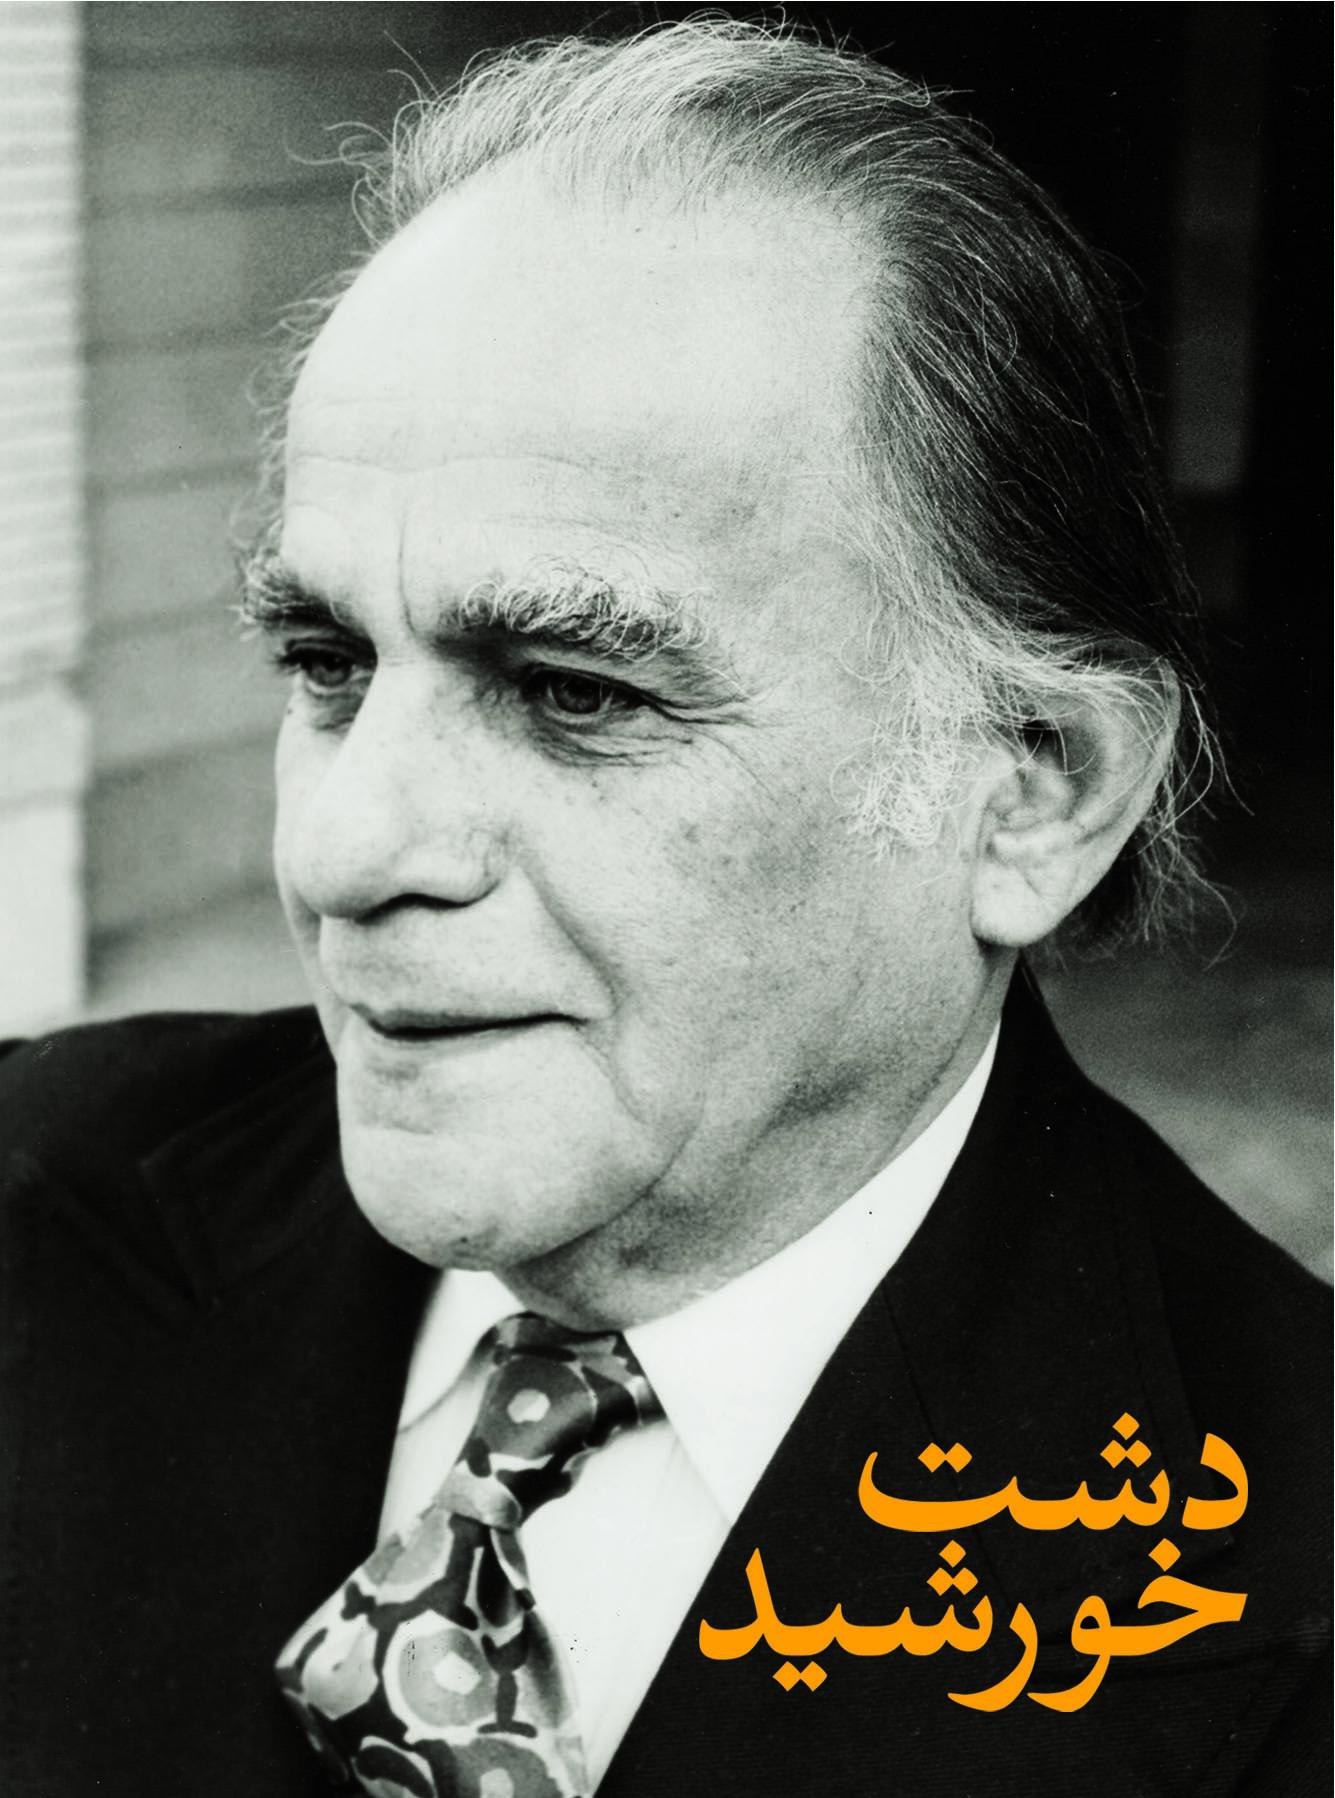 دشت-خورشيد-3جلدي-(مهروابر)-1-8-قابدار